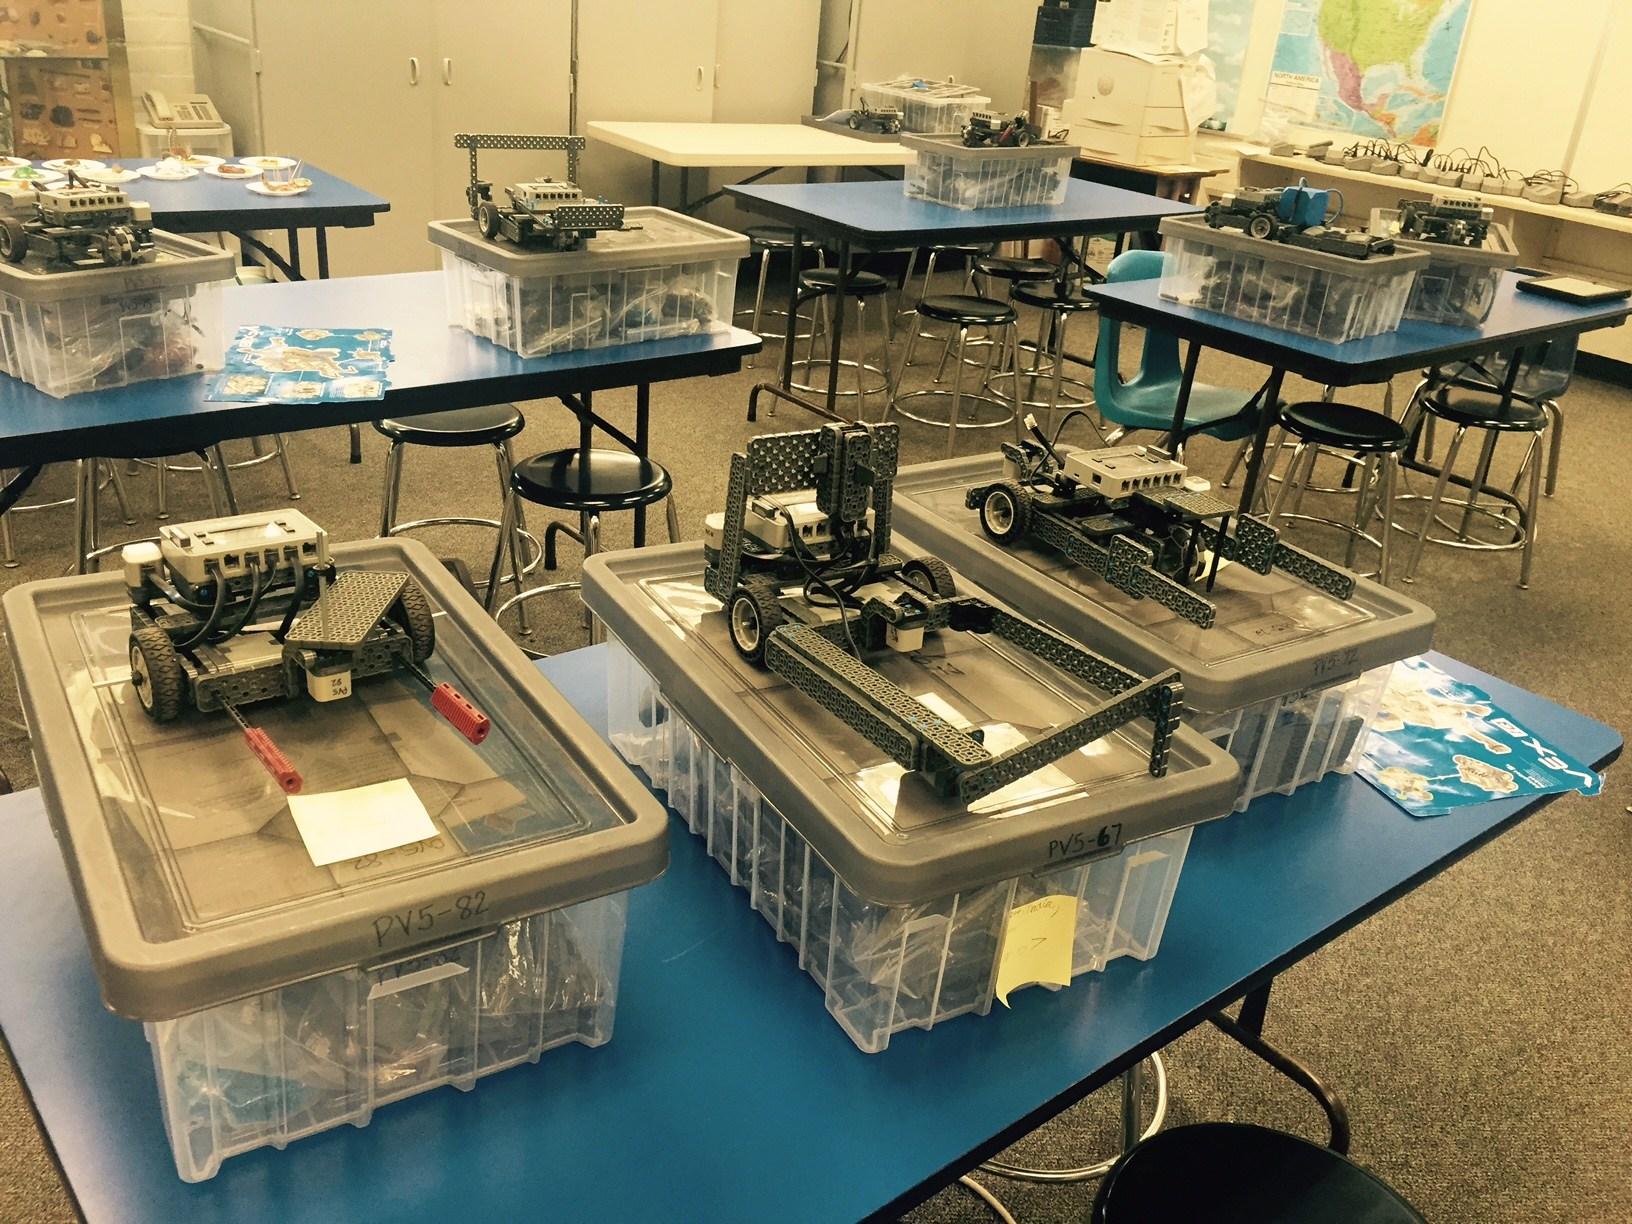 STEM kits